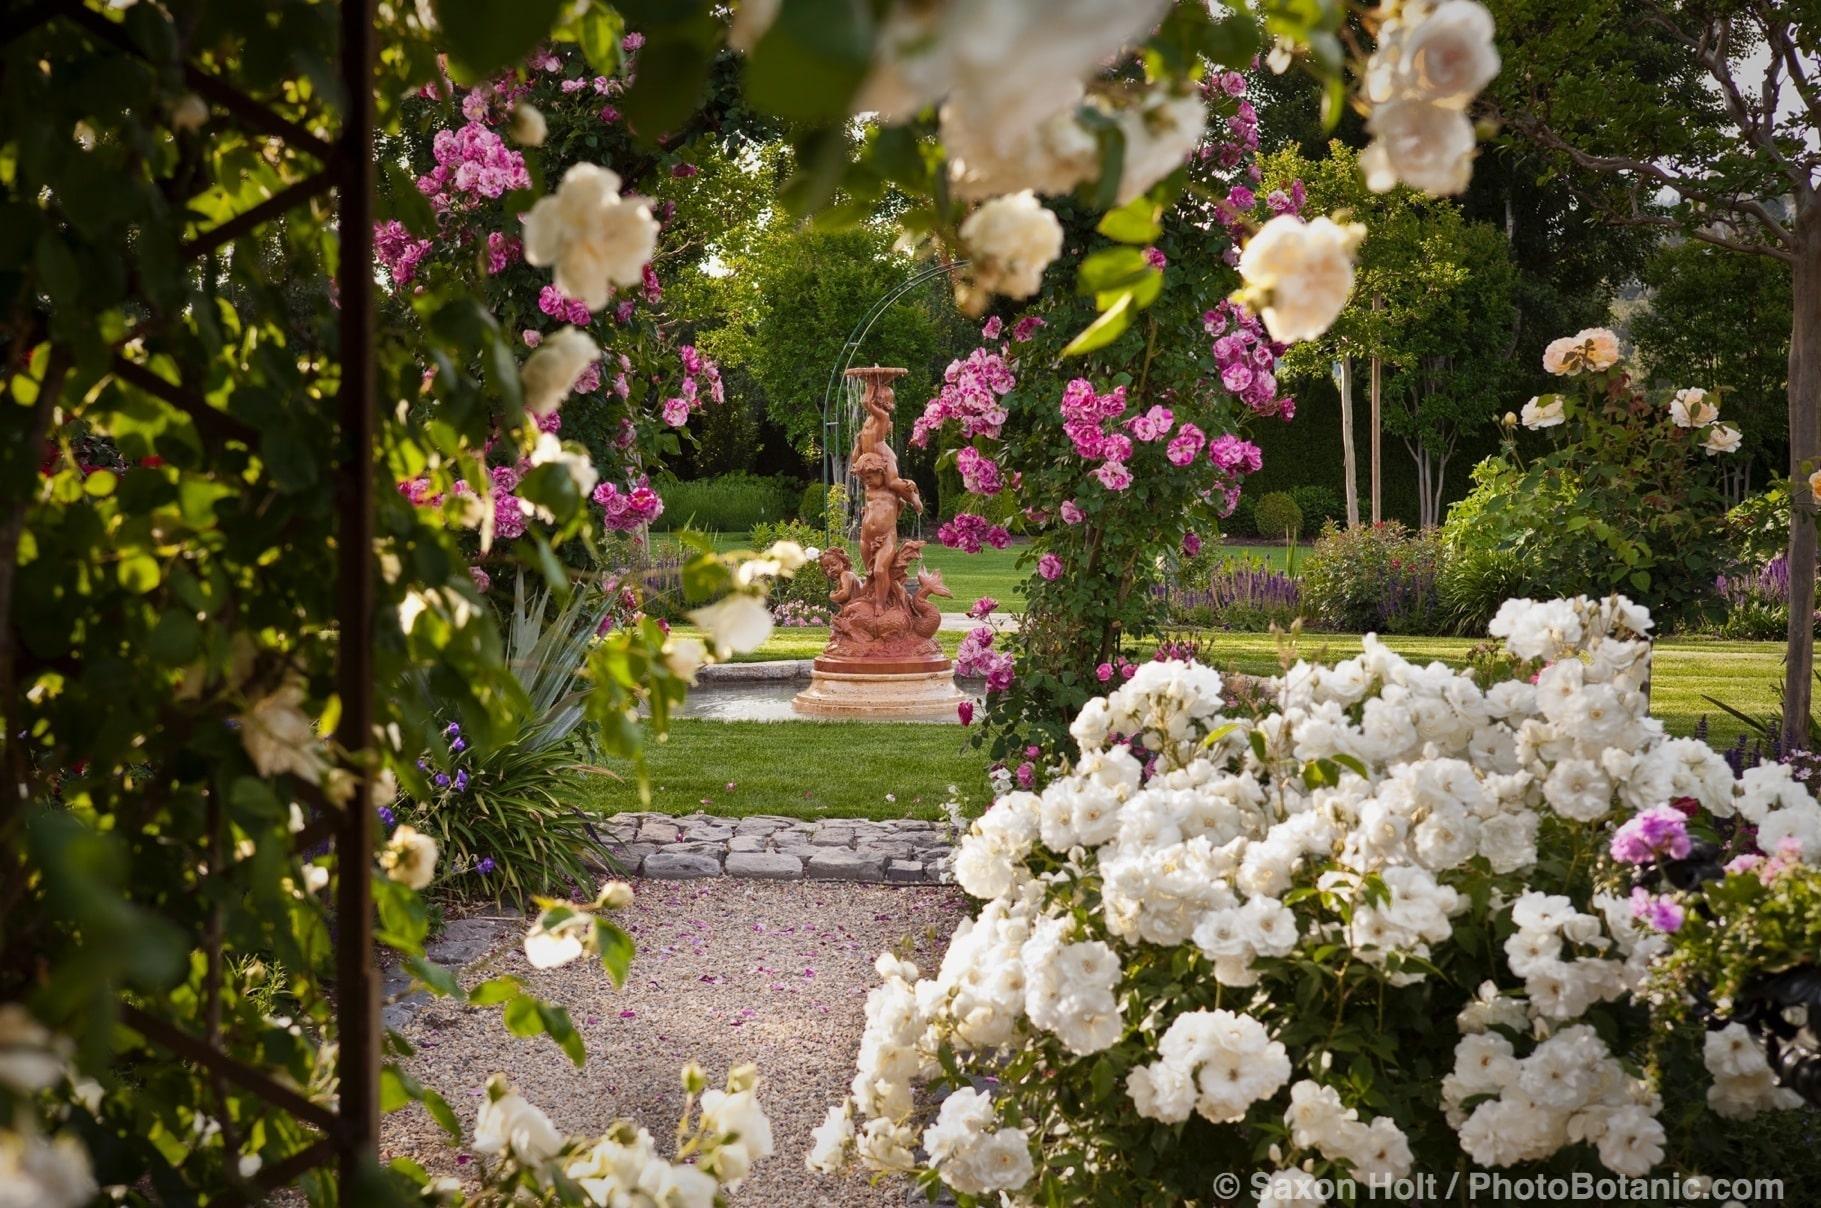 Terra cotta water fountain in lawn framed by rose garden.